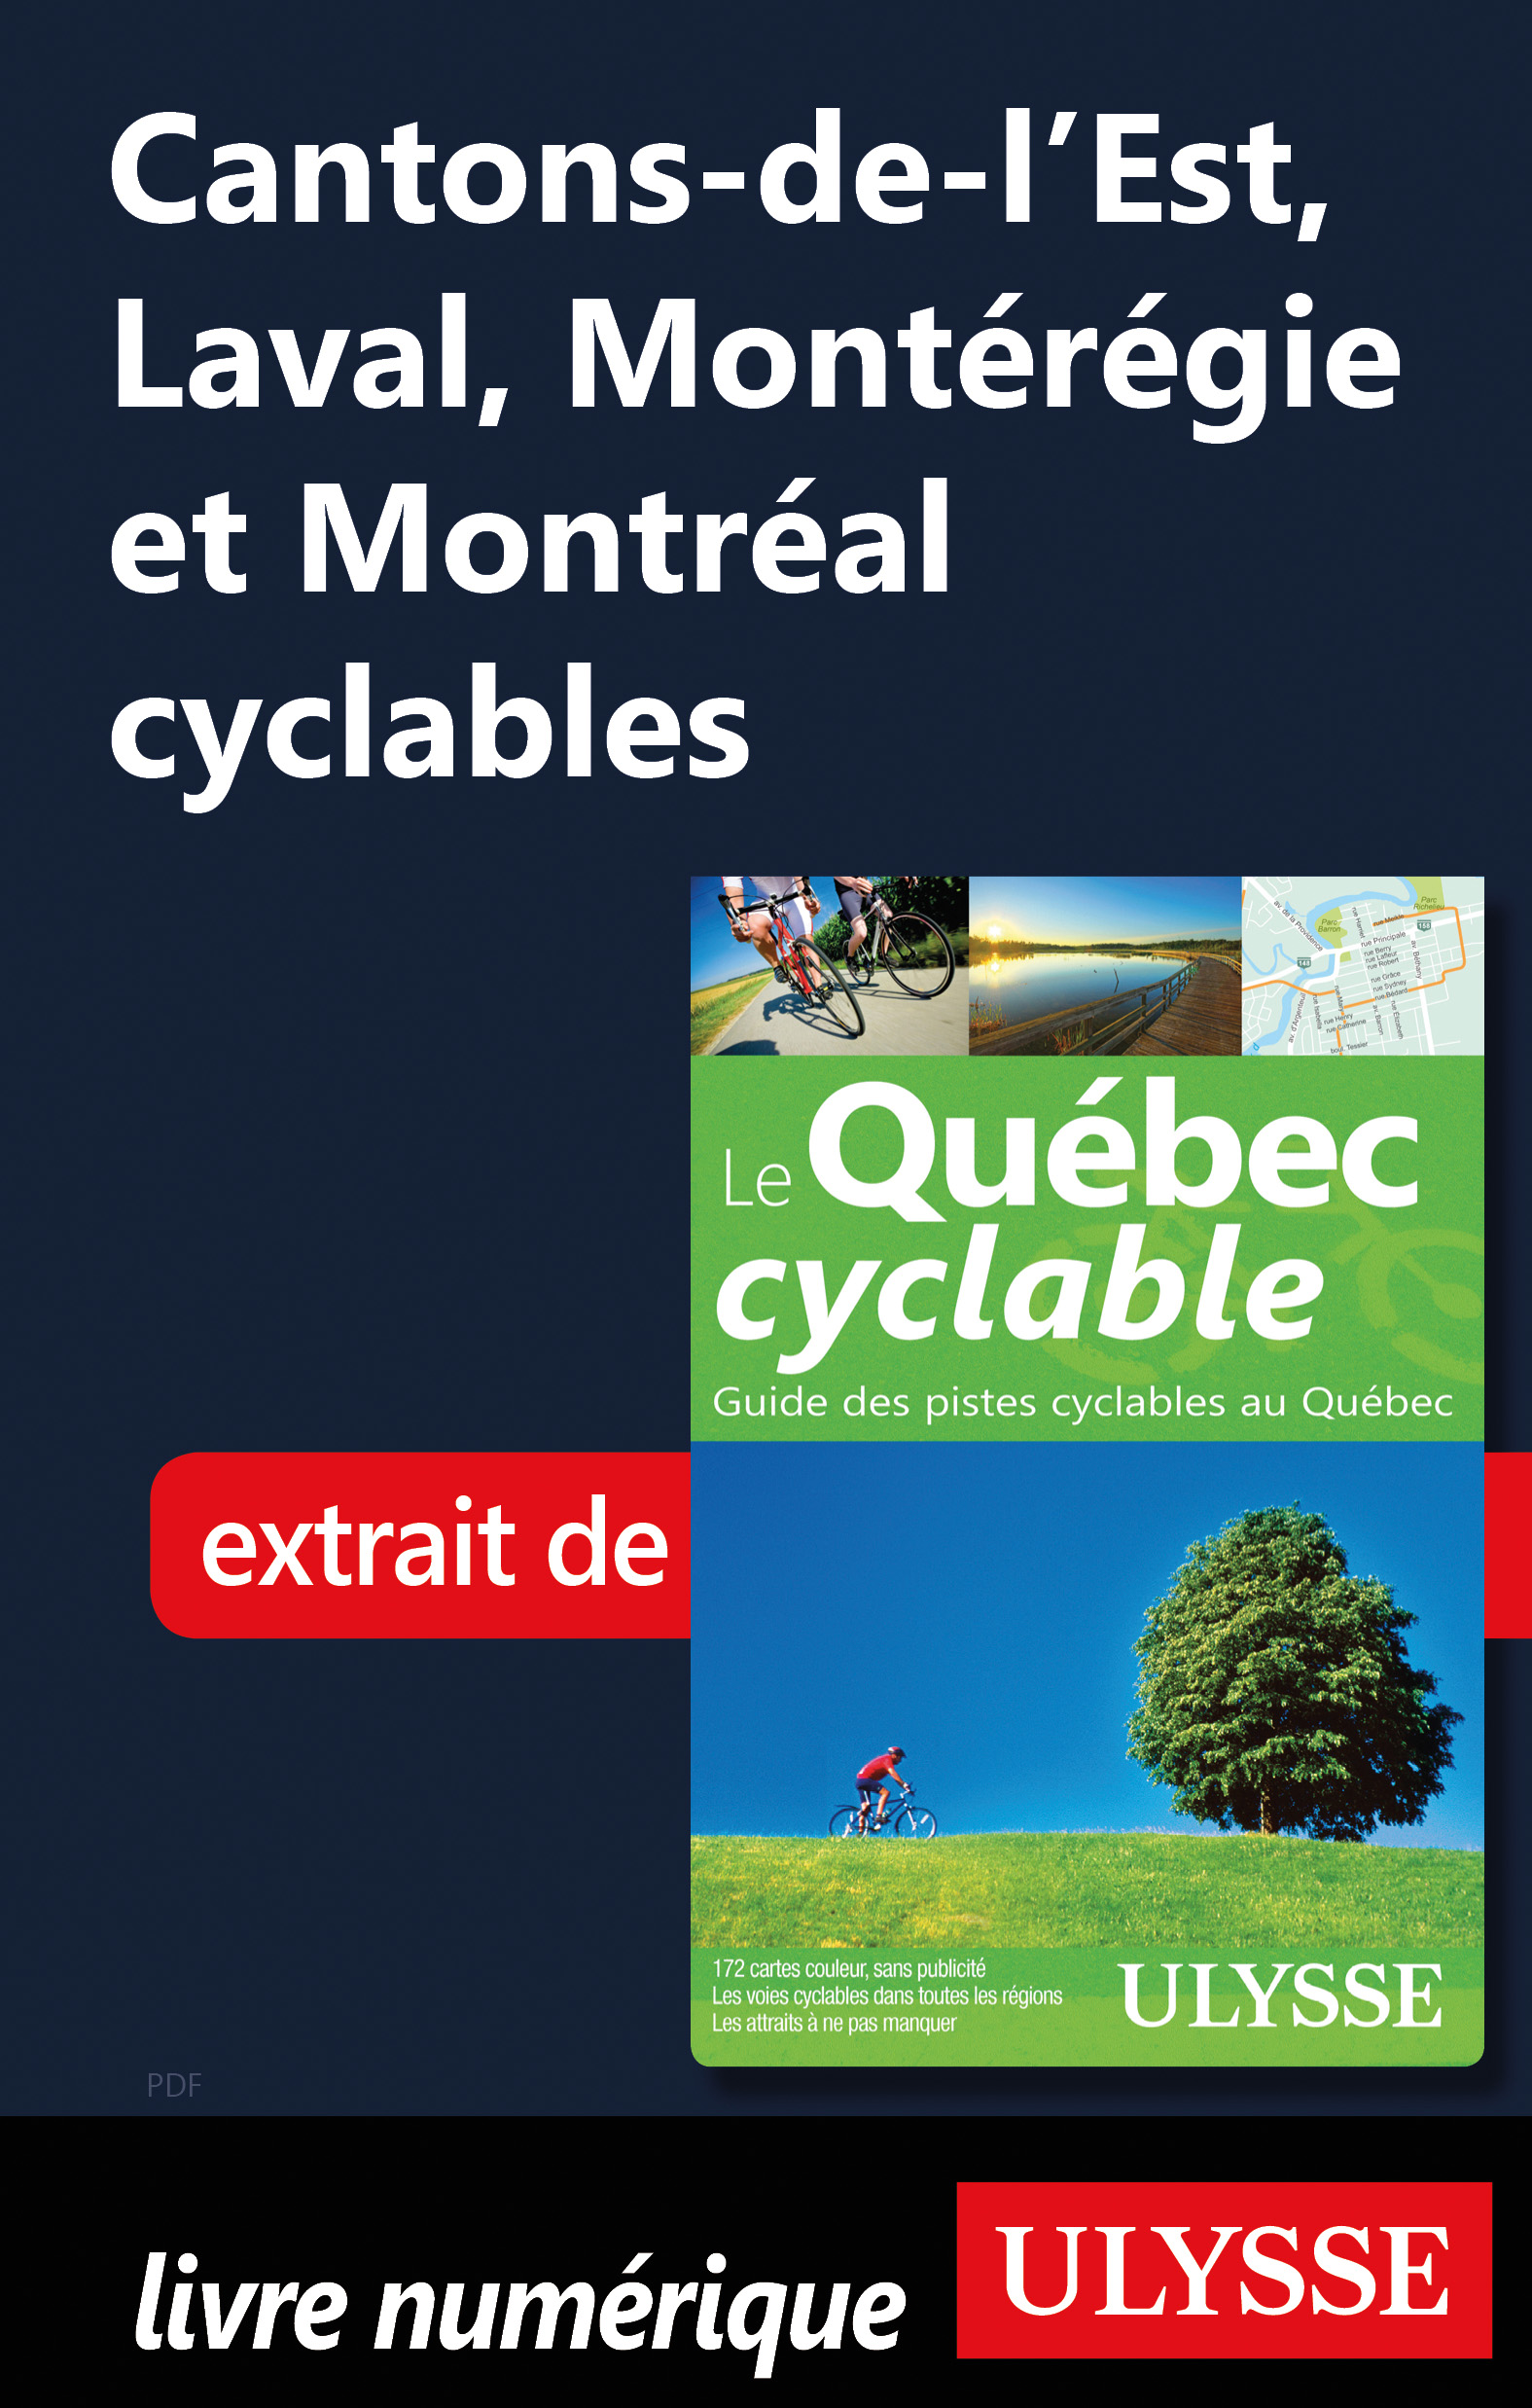 Cantons-de-l'Est, Laval, Montérégie et Montréal cyclables